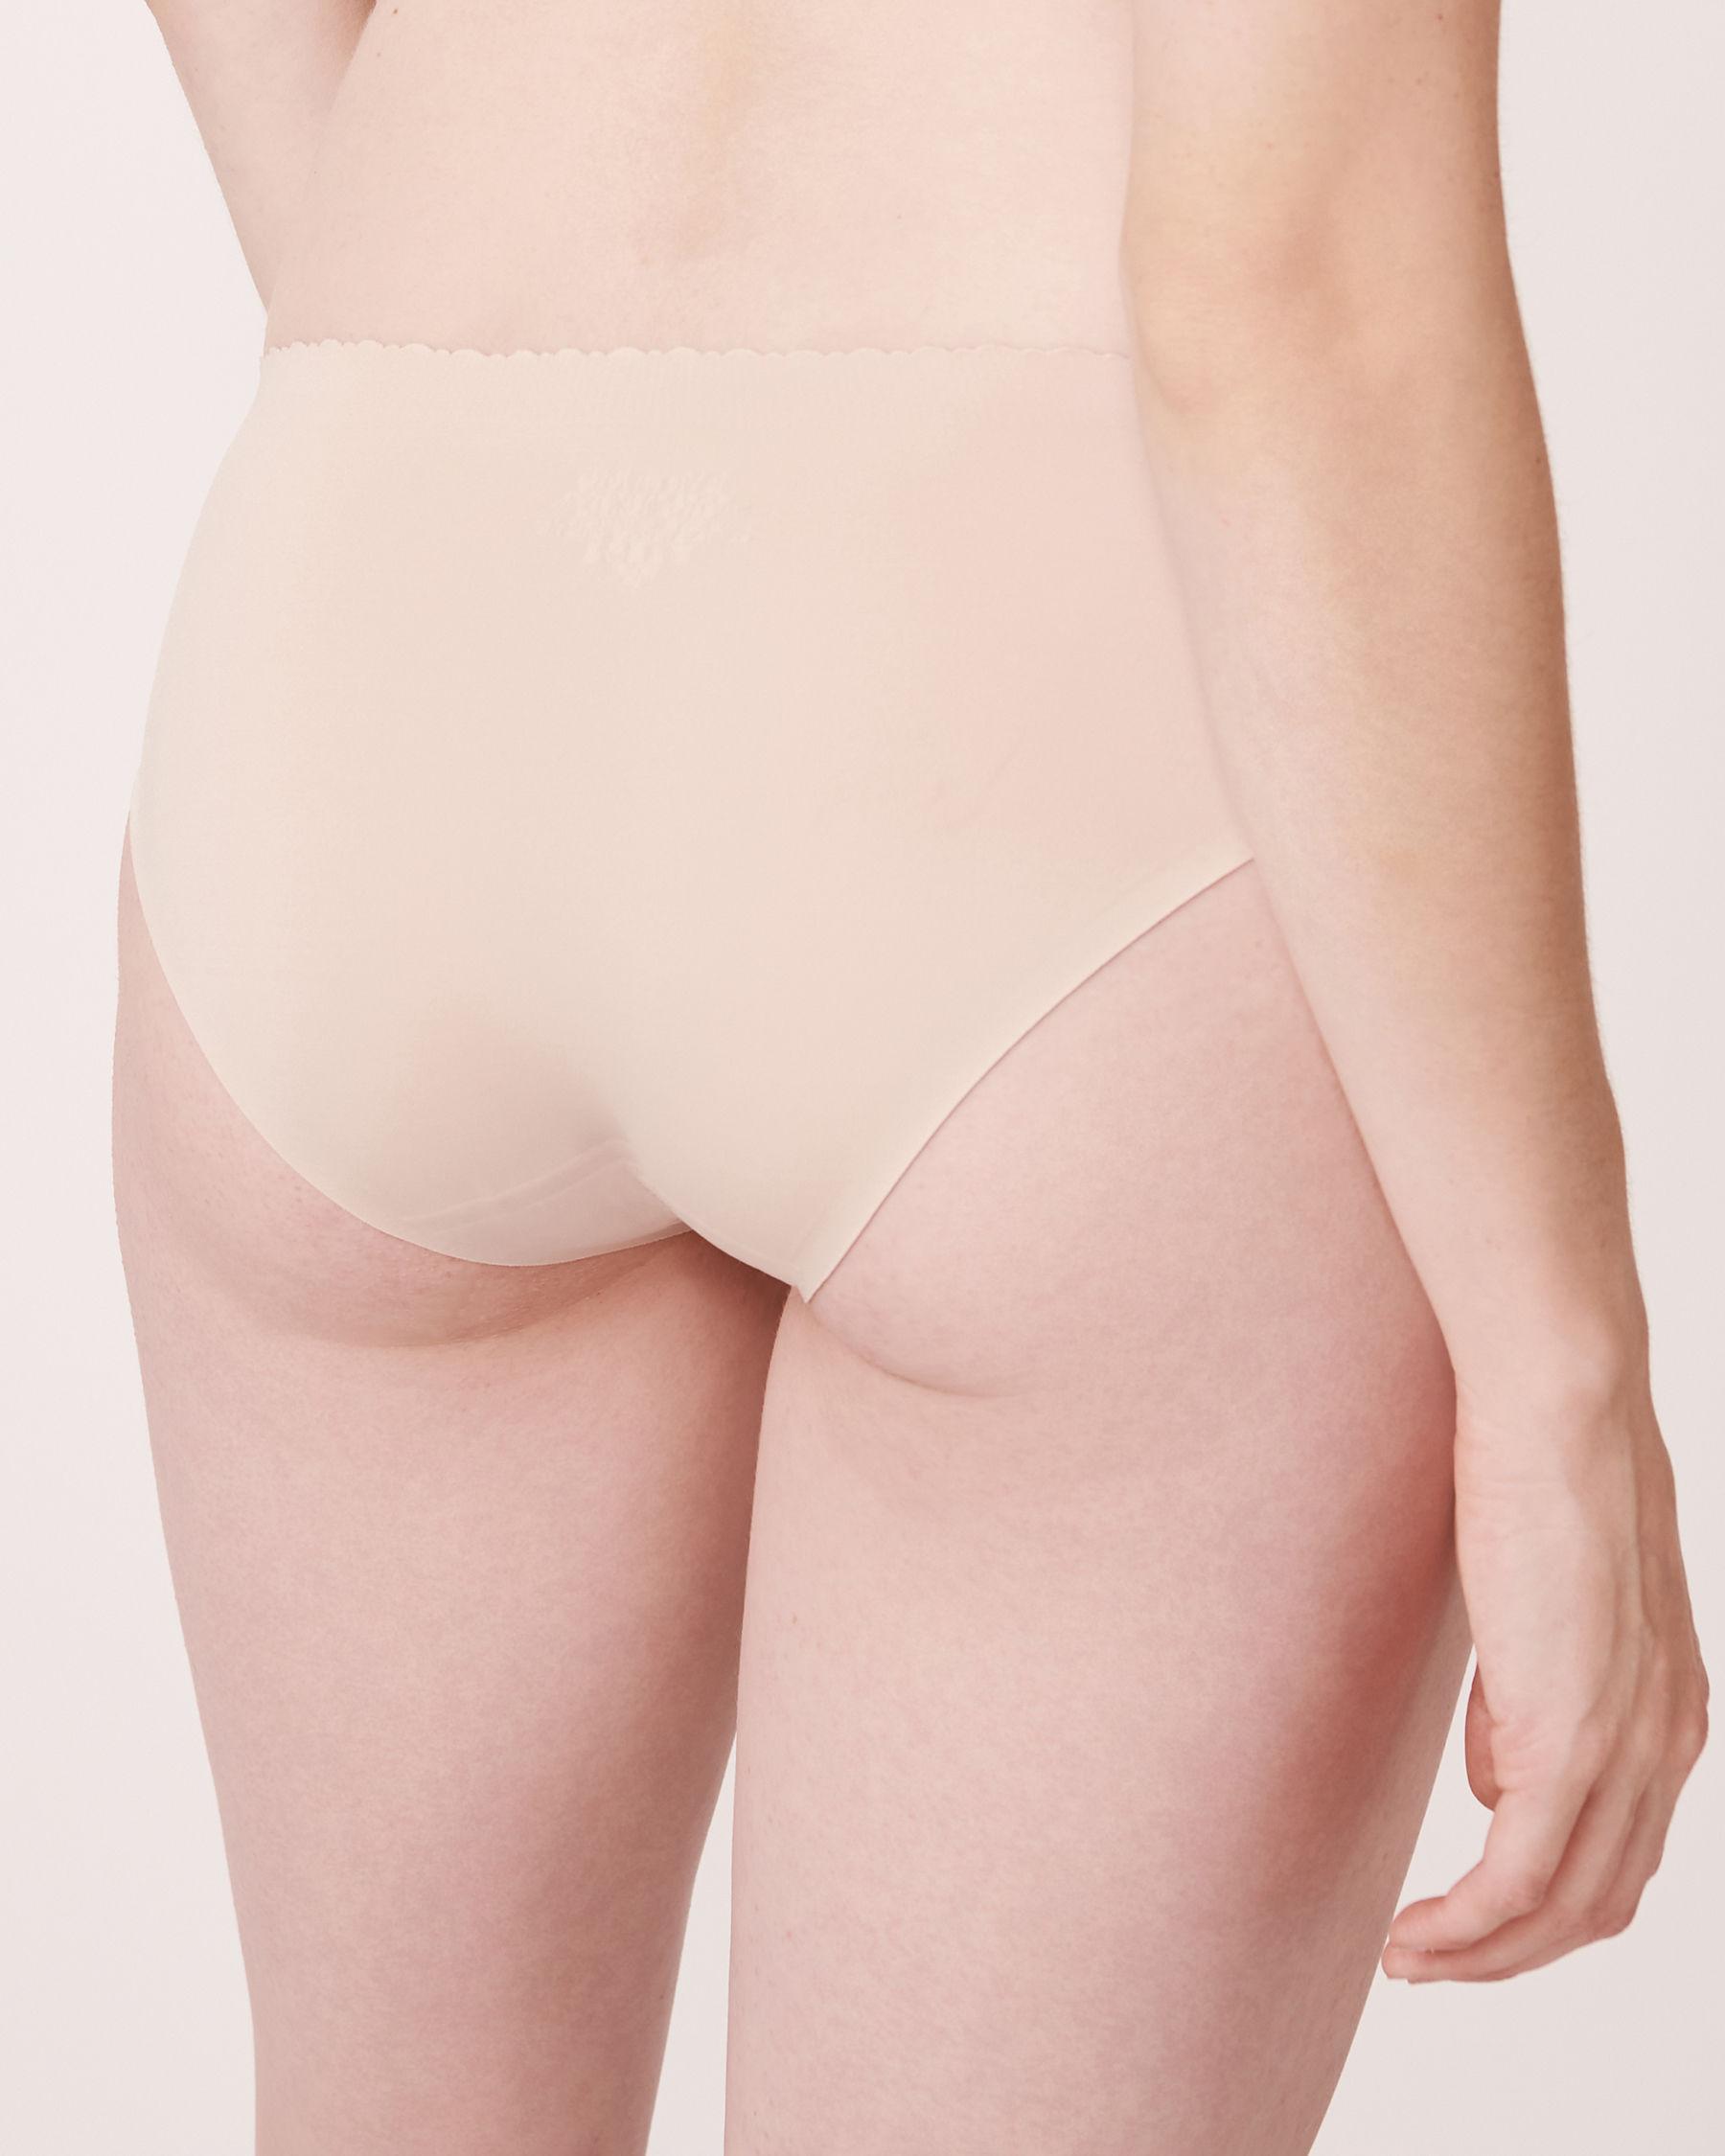 LA VIE EN ROSE Culotte bikini sans coutures Neutre 712-122-0-00 - Voir2